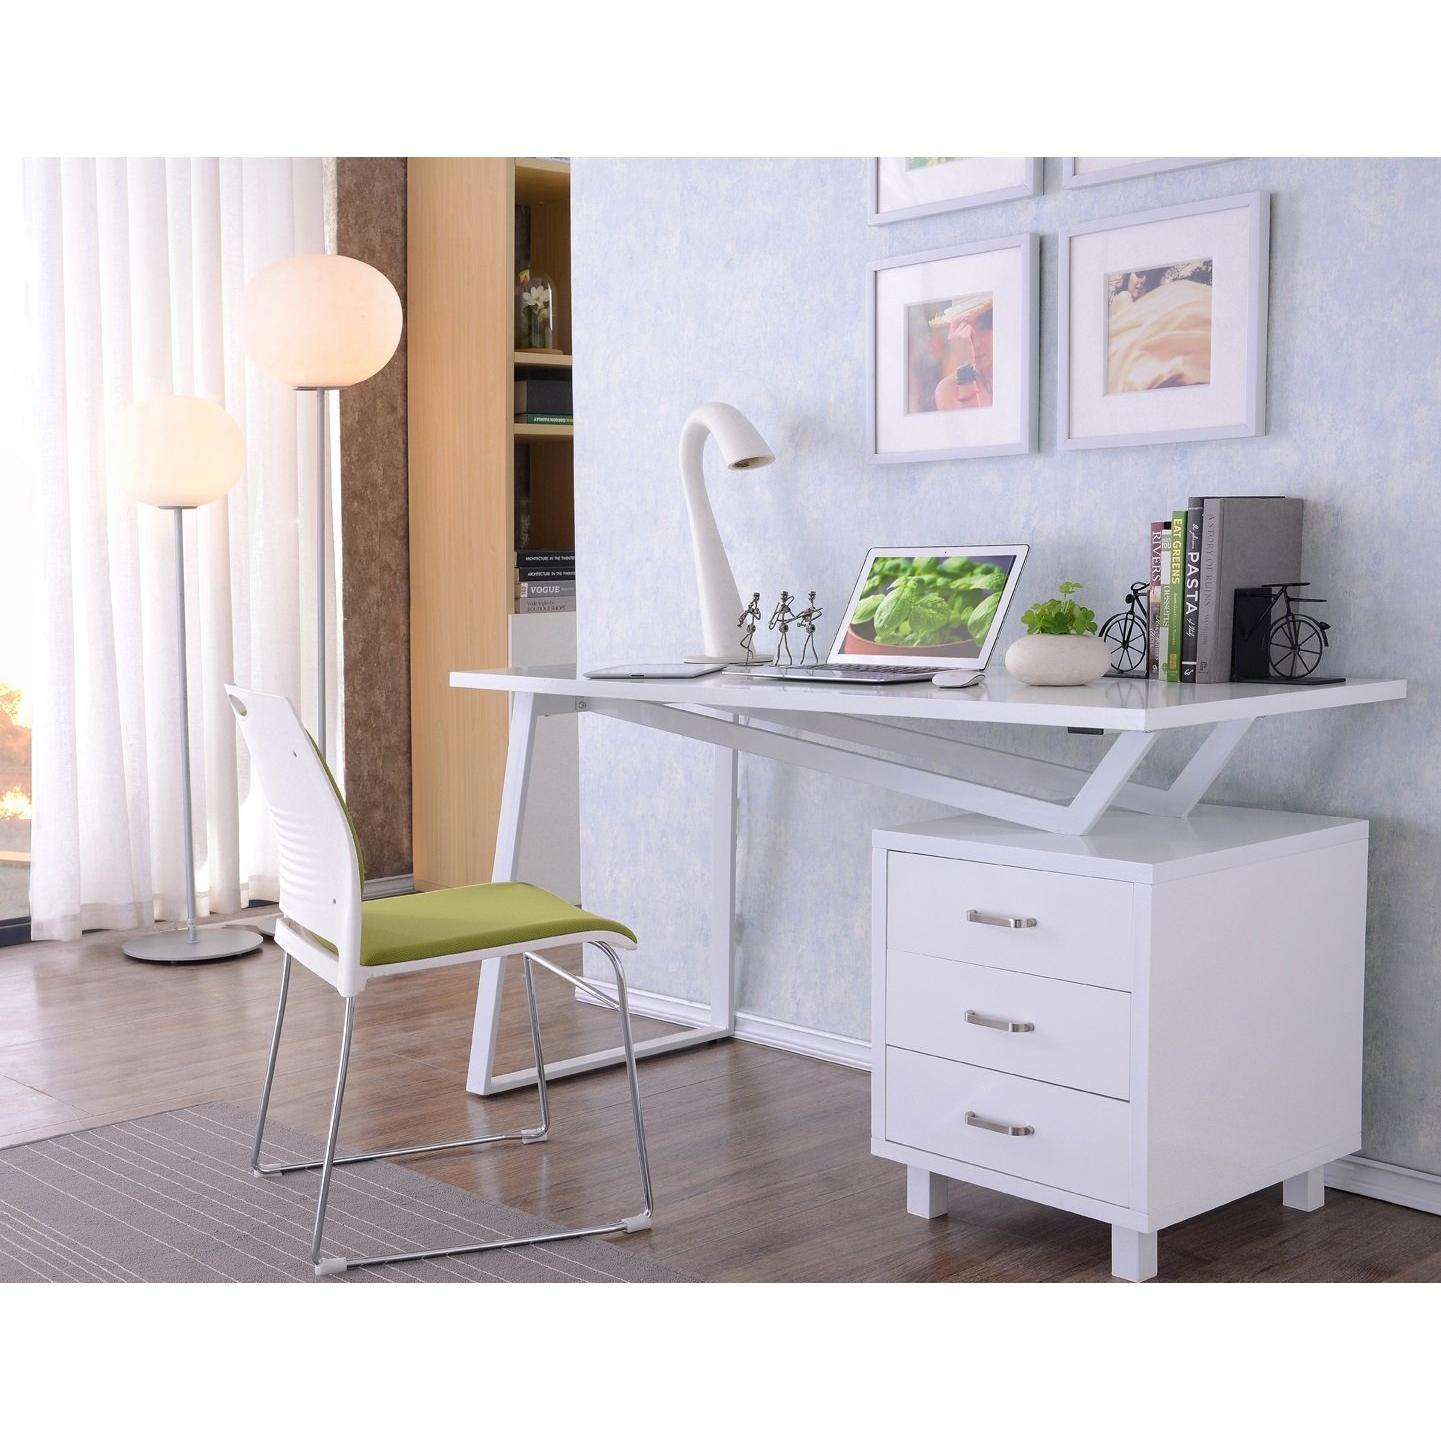 Scrivania Per Computer Bianco.Scrivania Per Computer Con Tre Cassetti Bianco Lucido Su